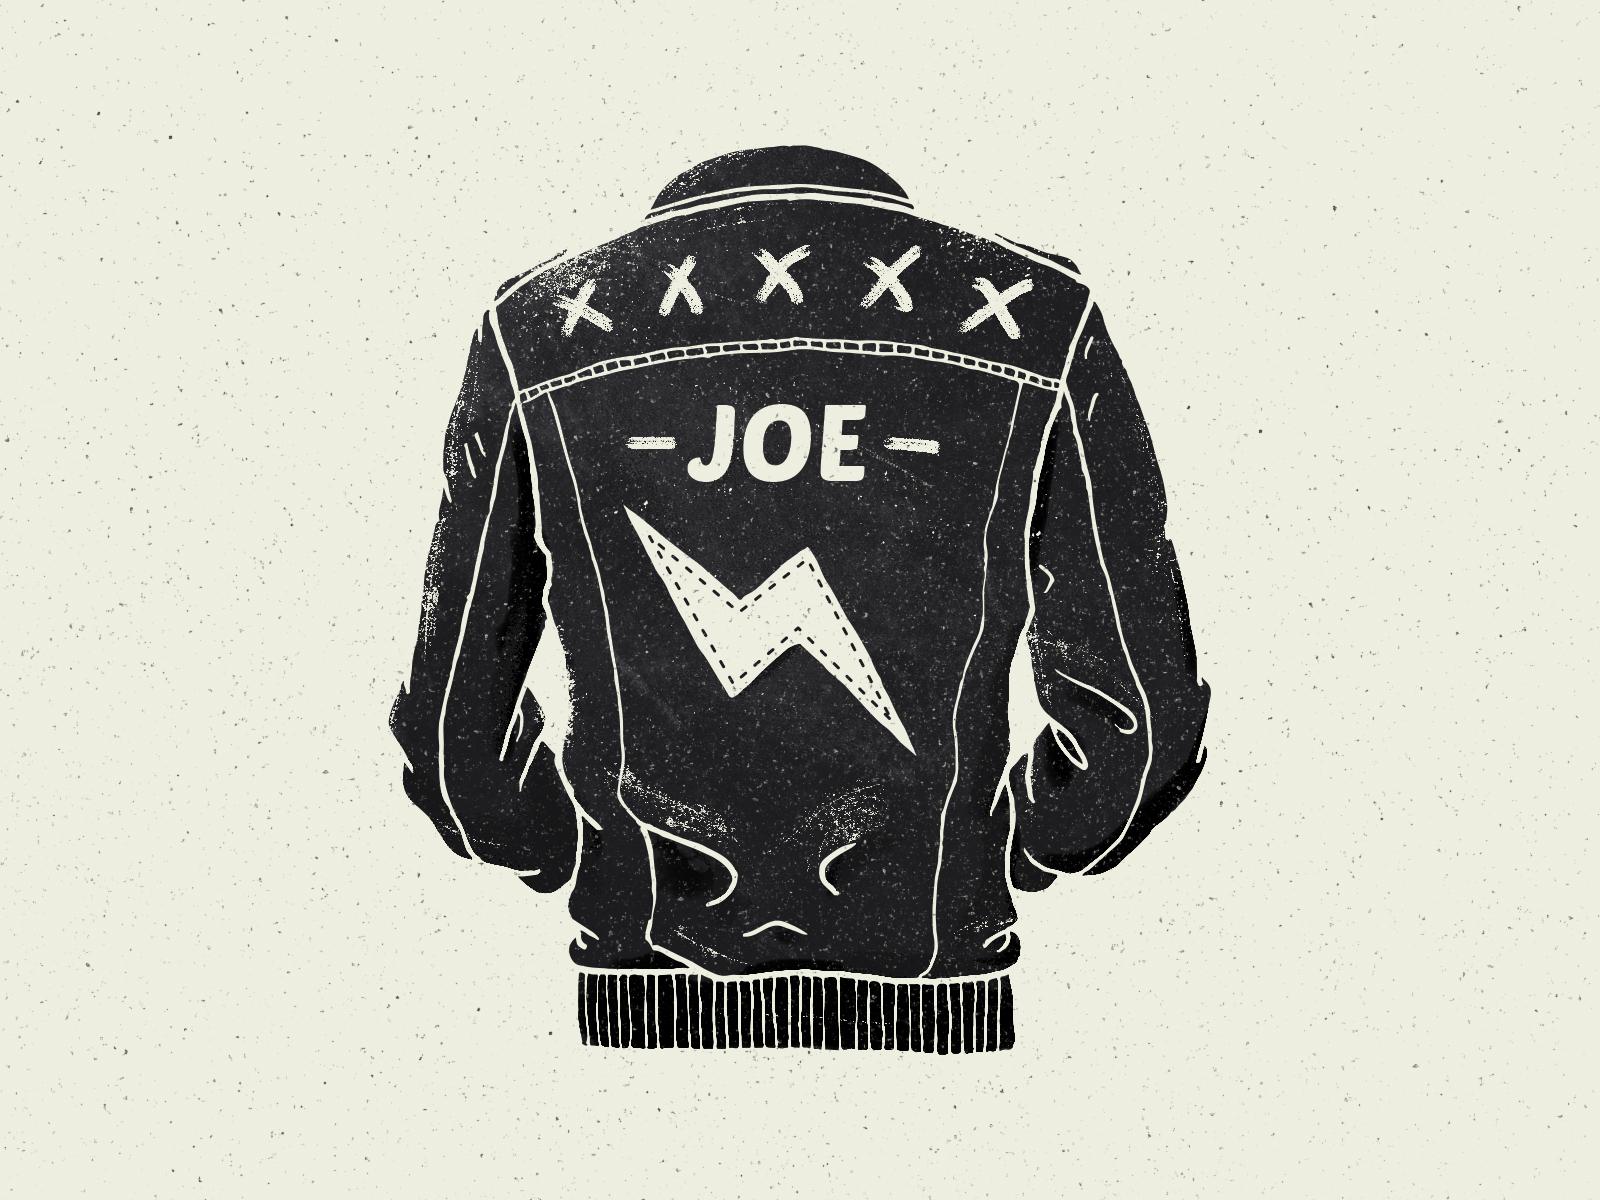 02-Joe's-Dream.jpg